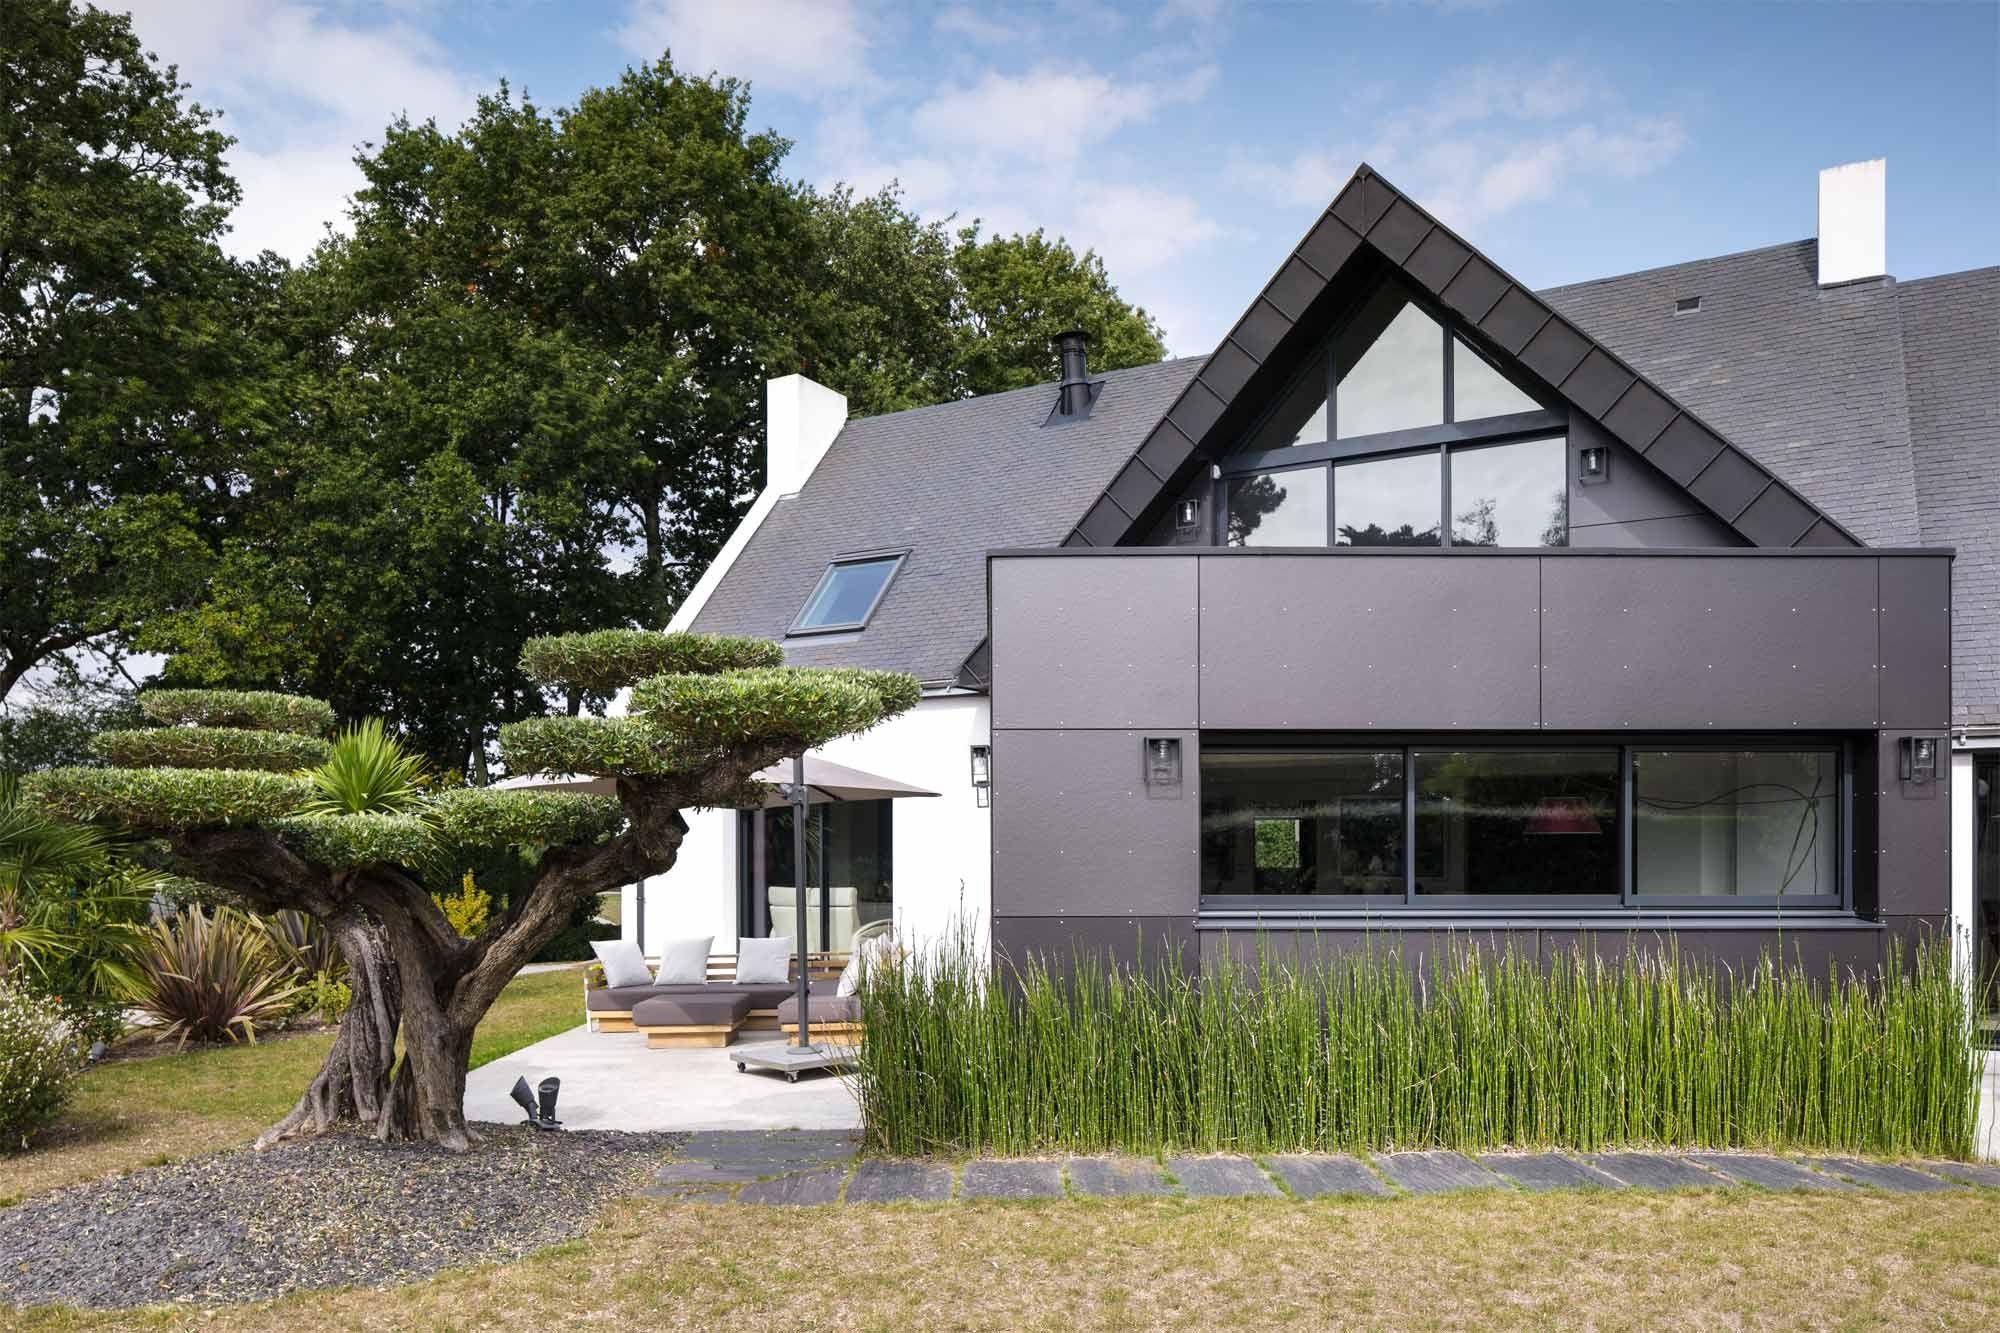 Agrandissement Maison Néo Bretonne image result for extension maison néo-bretonne | extension